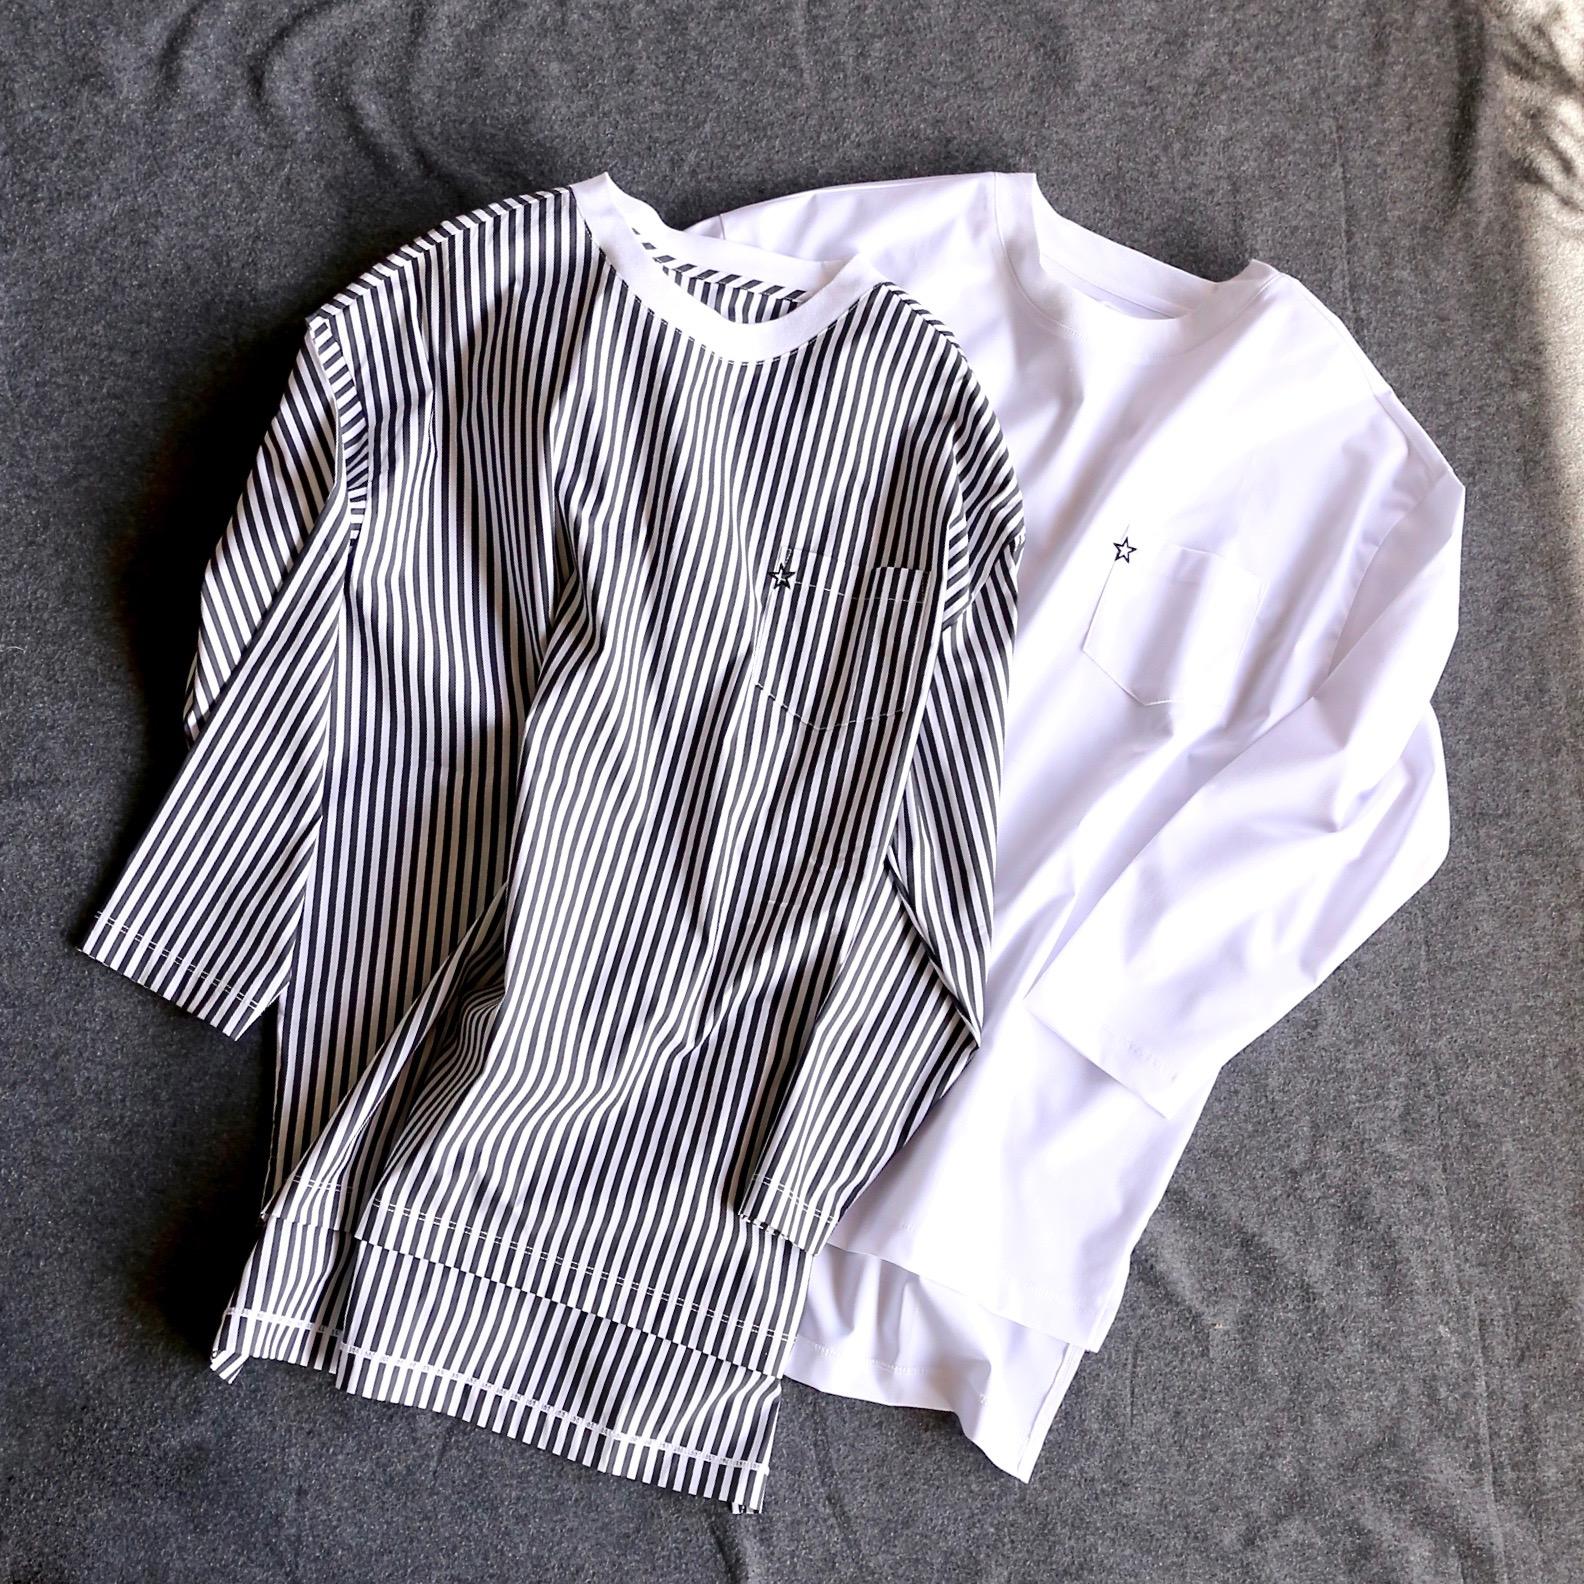 バックプリントシャツ 販売のお知らせ